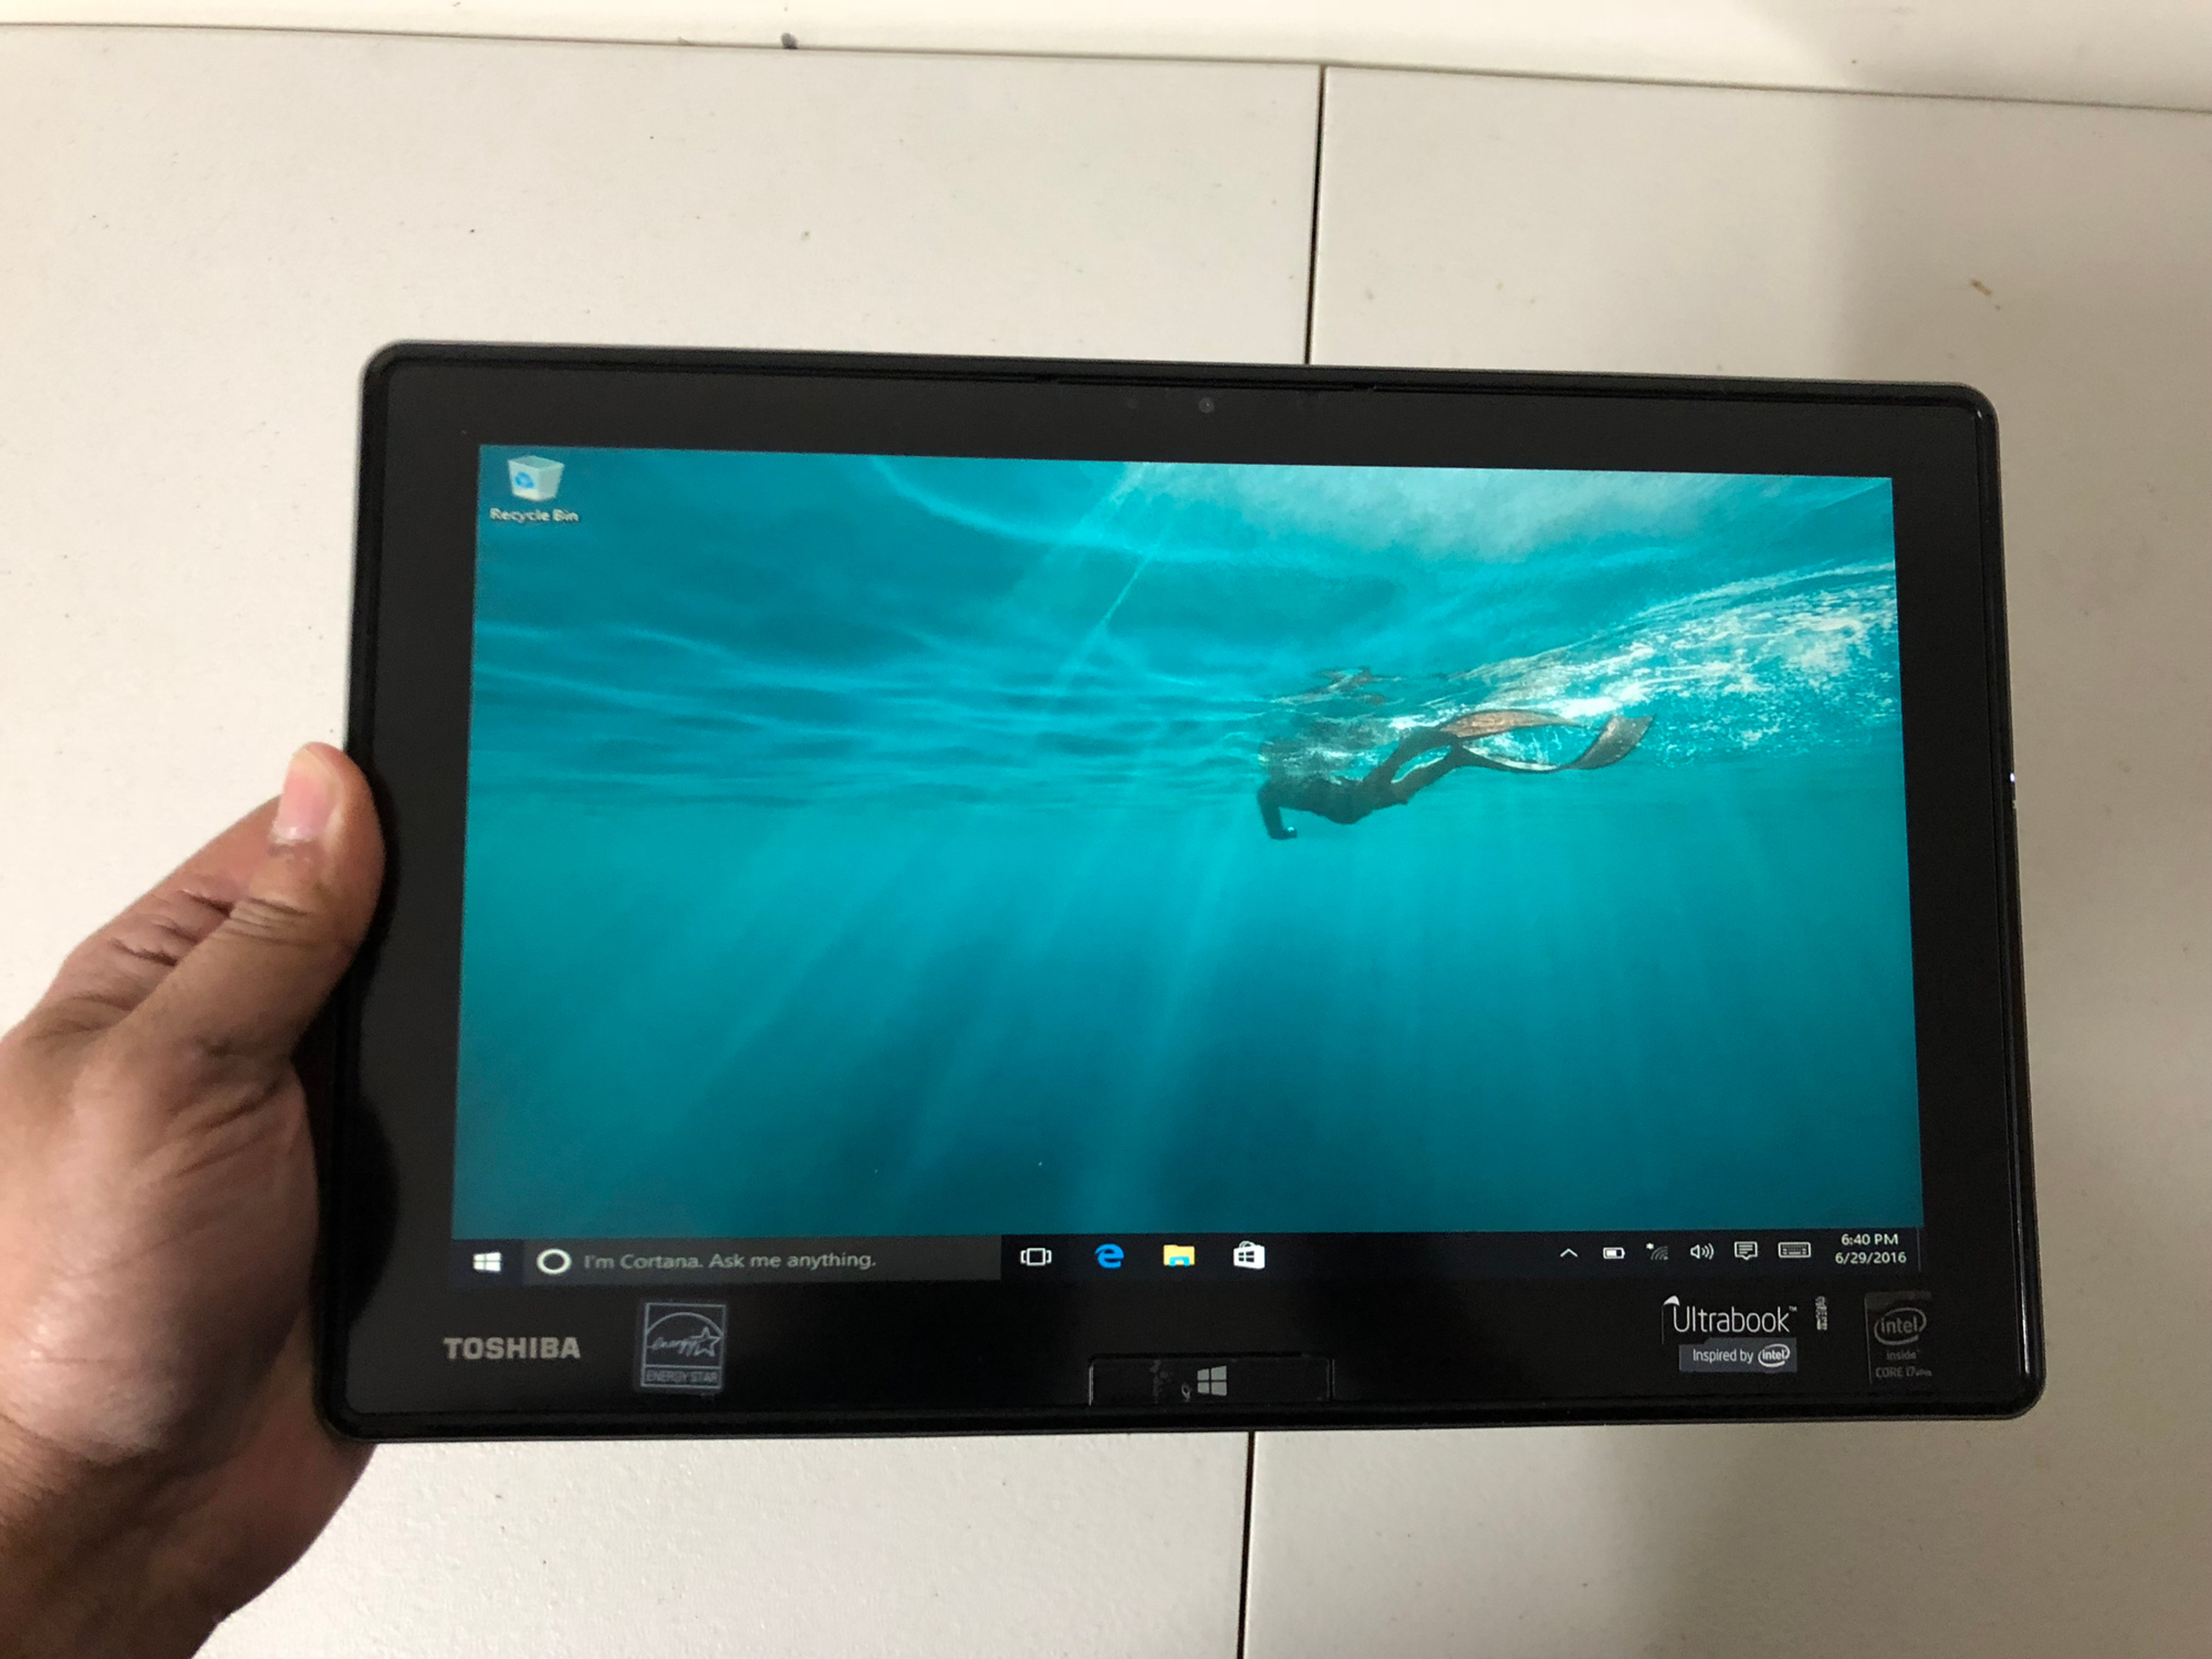 TOSHIBA TABLET LAPTOP i7/8gb ram/256gb ssd hard drive | STAN IT HIFI